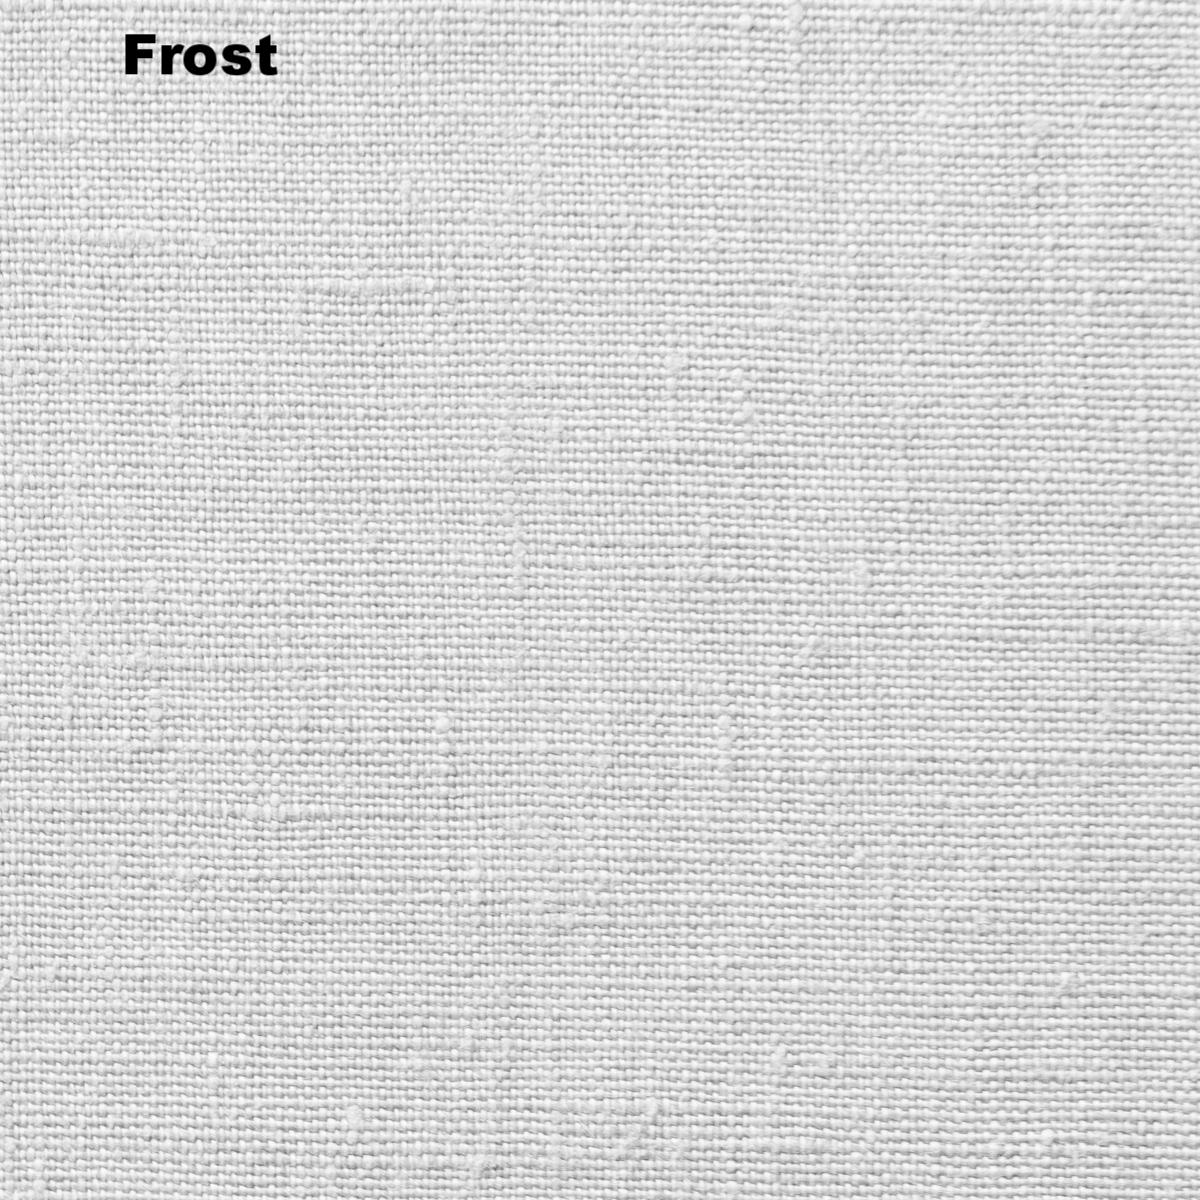 01_frost.jpg